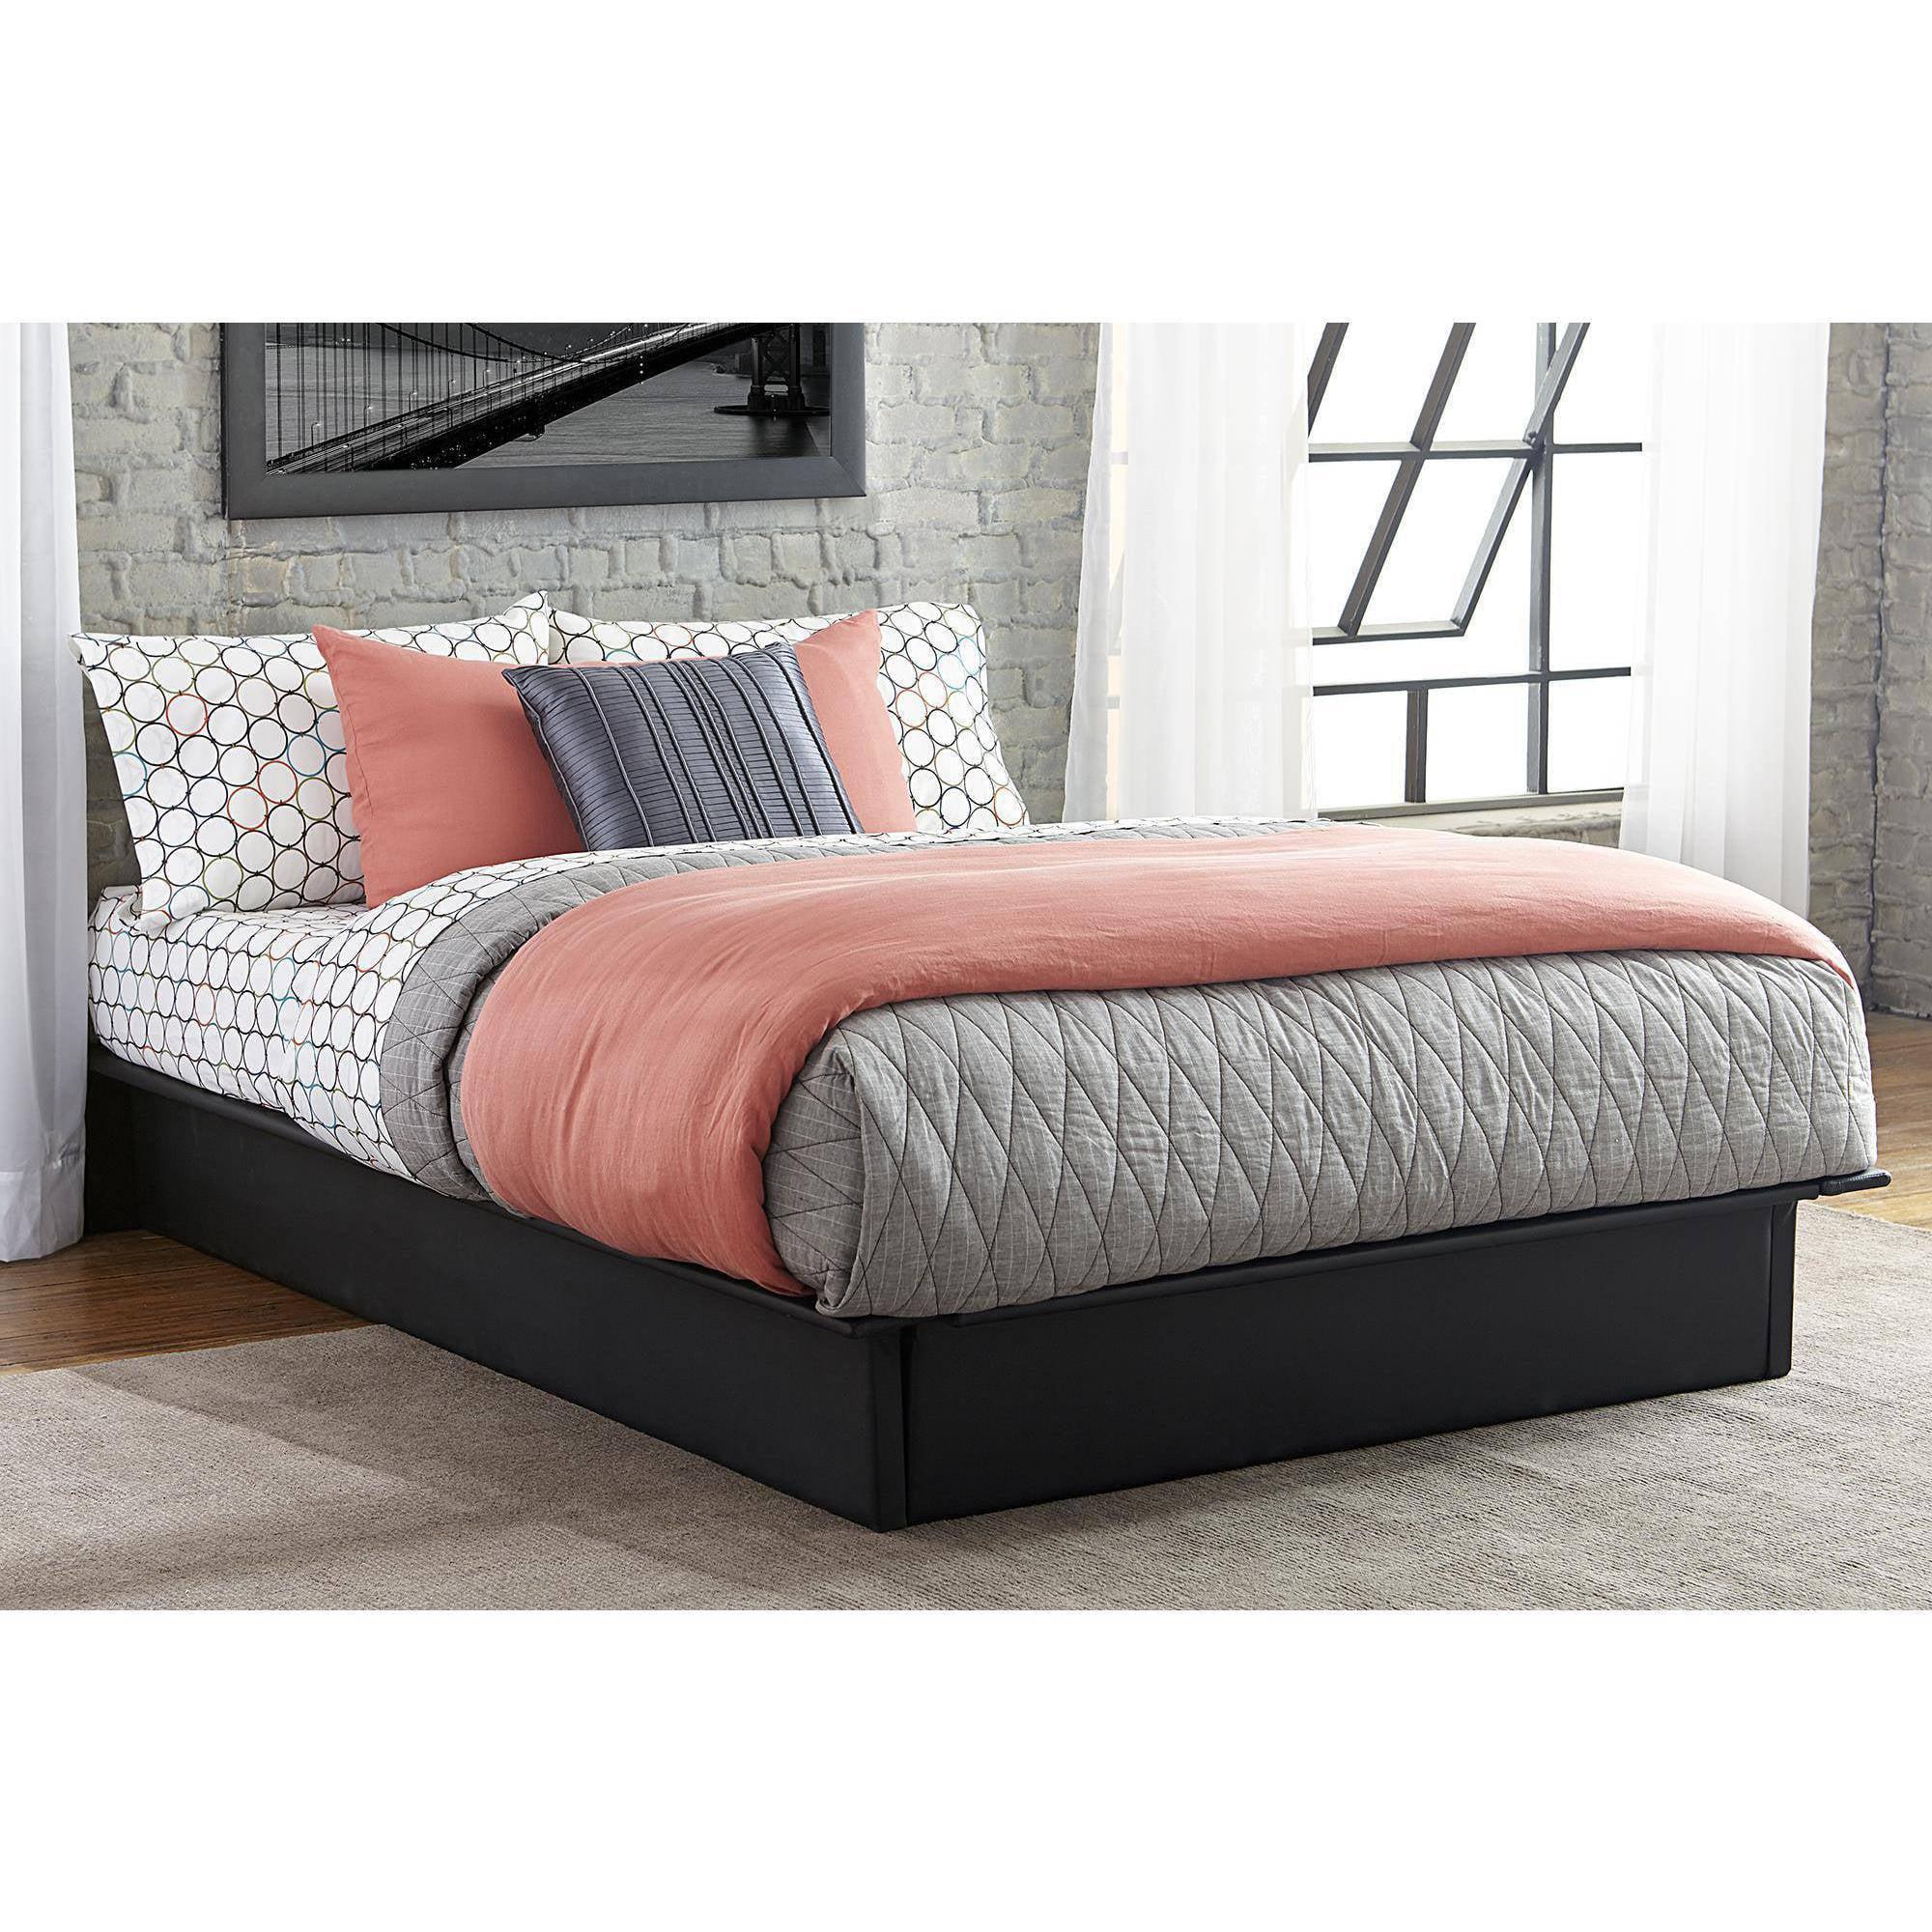 maven upholstered faux leather platform bed black multiple sizes walmartcom - Twin Size Platform Bed Frame